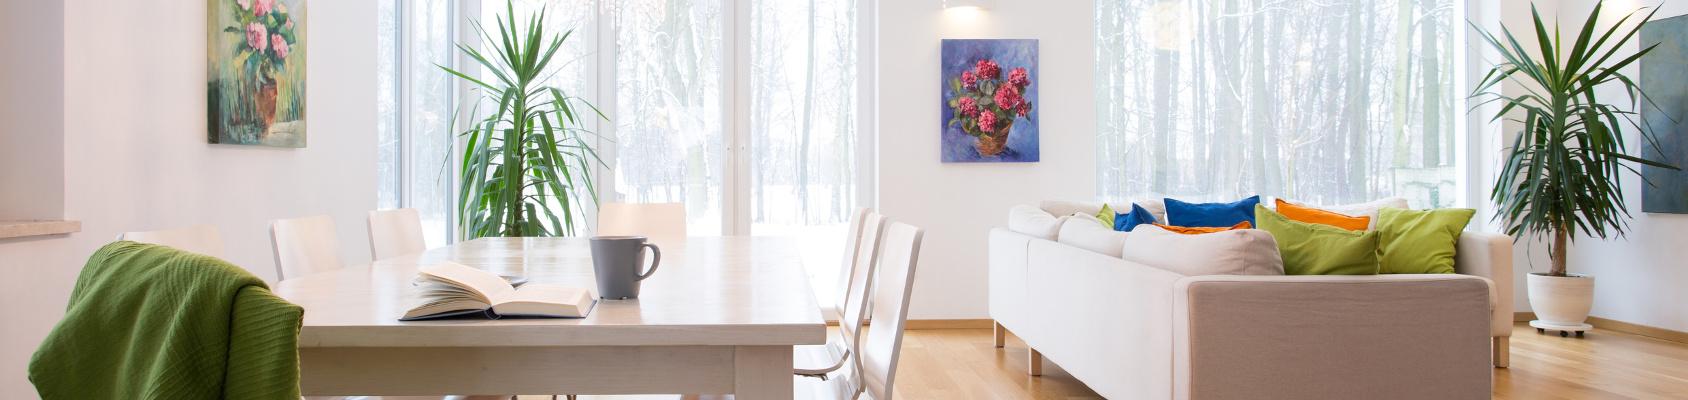 entre zen d co karen garnier d coratrice d 39 int rieur lyon. Black Bedroom Furniture Sets. Home Design Ideas